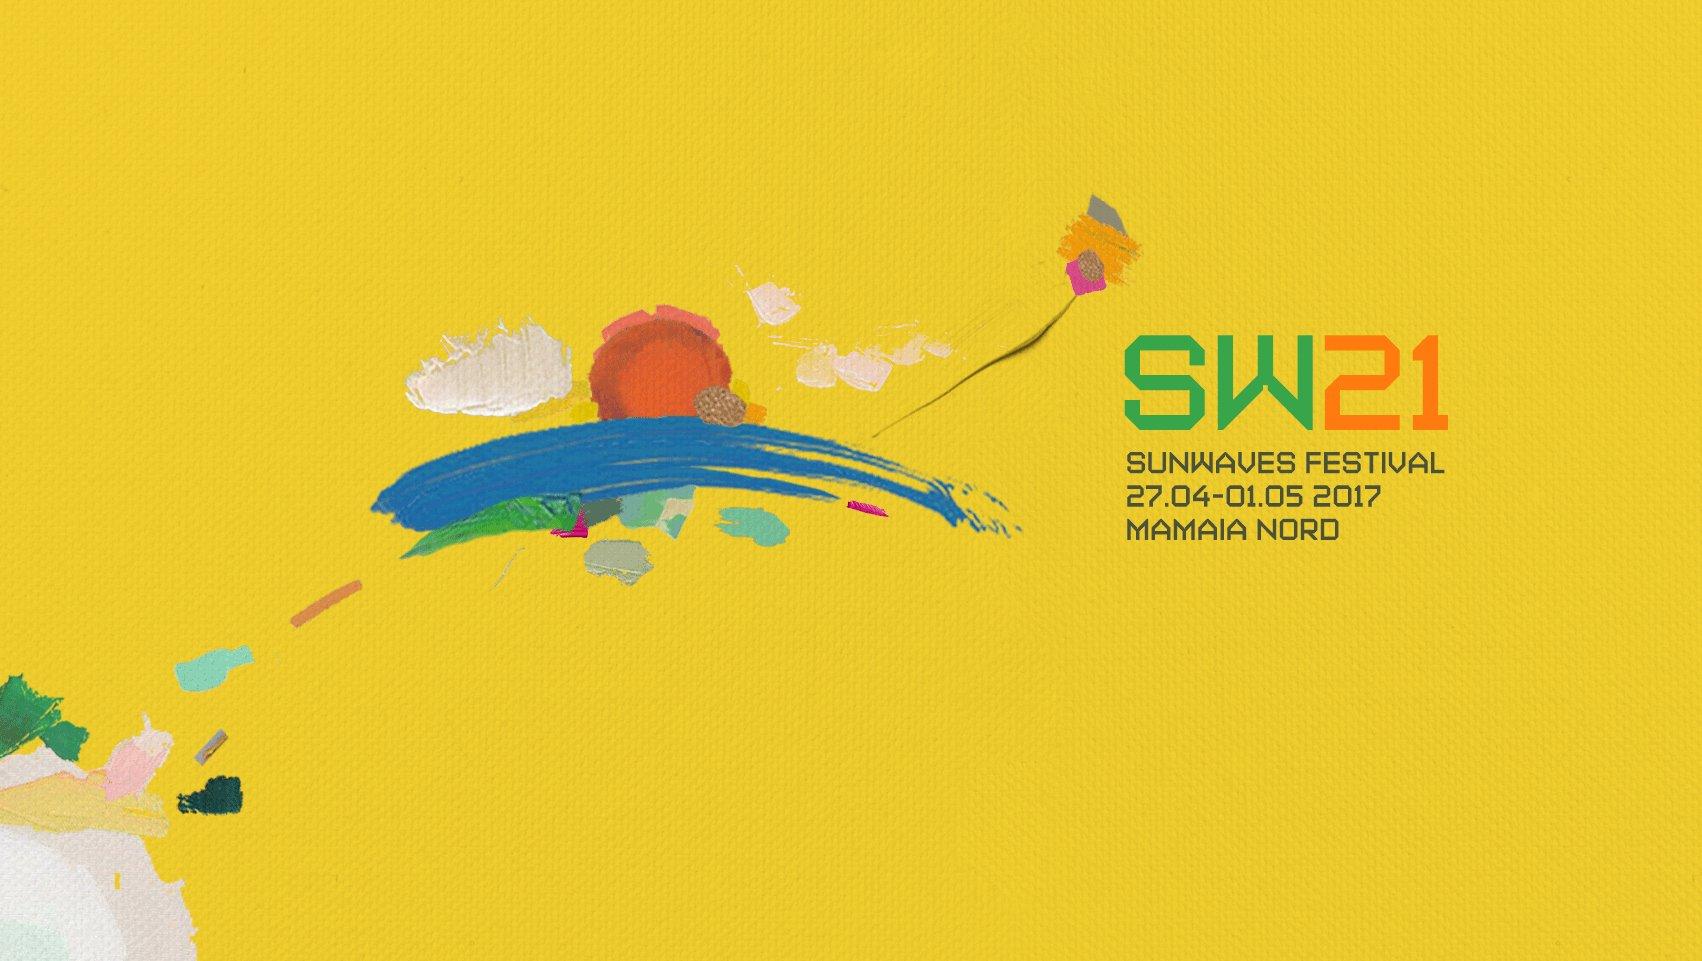 Sunwaves Festival: SW21